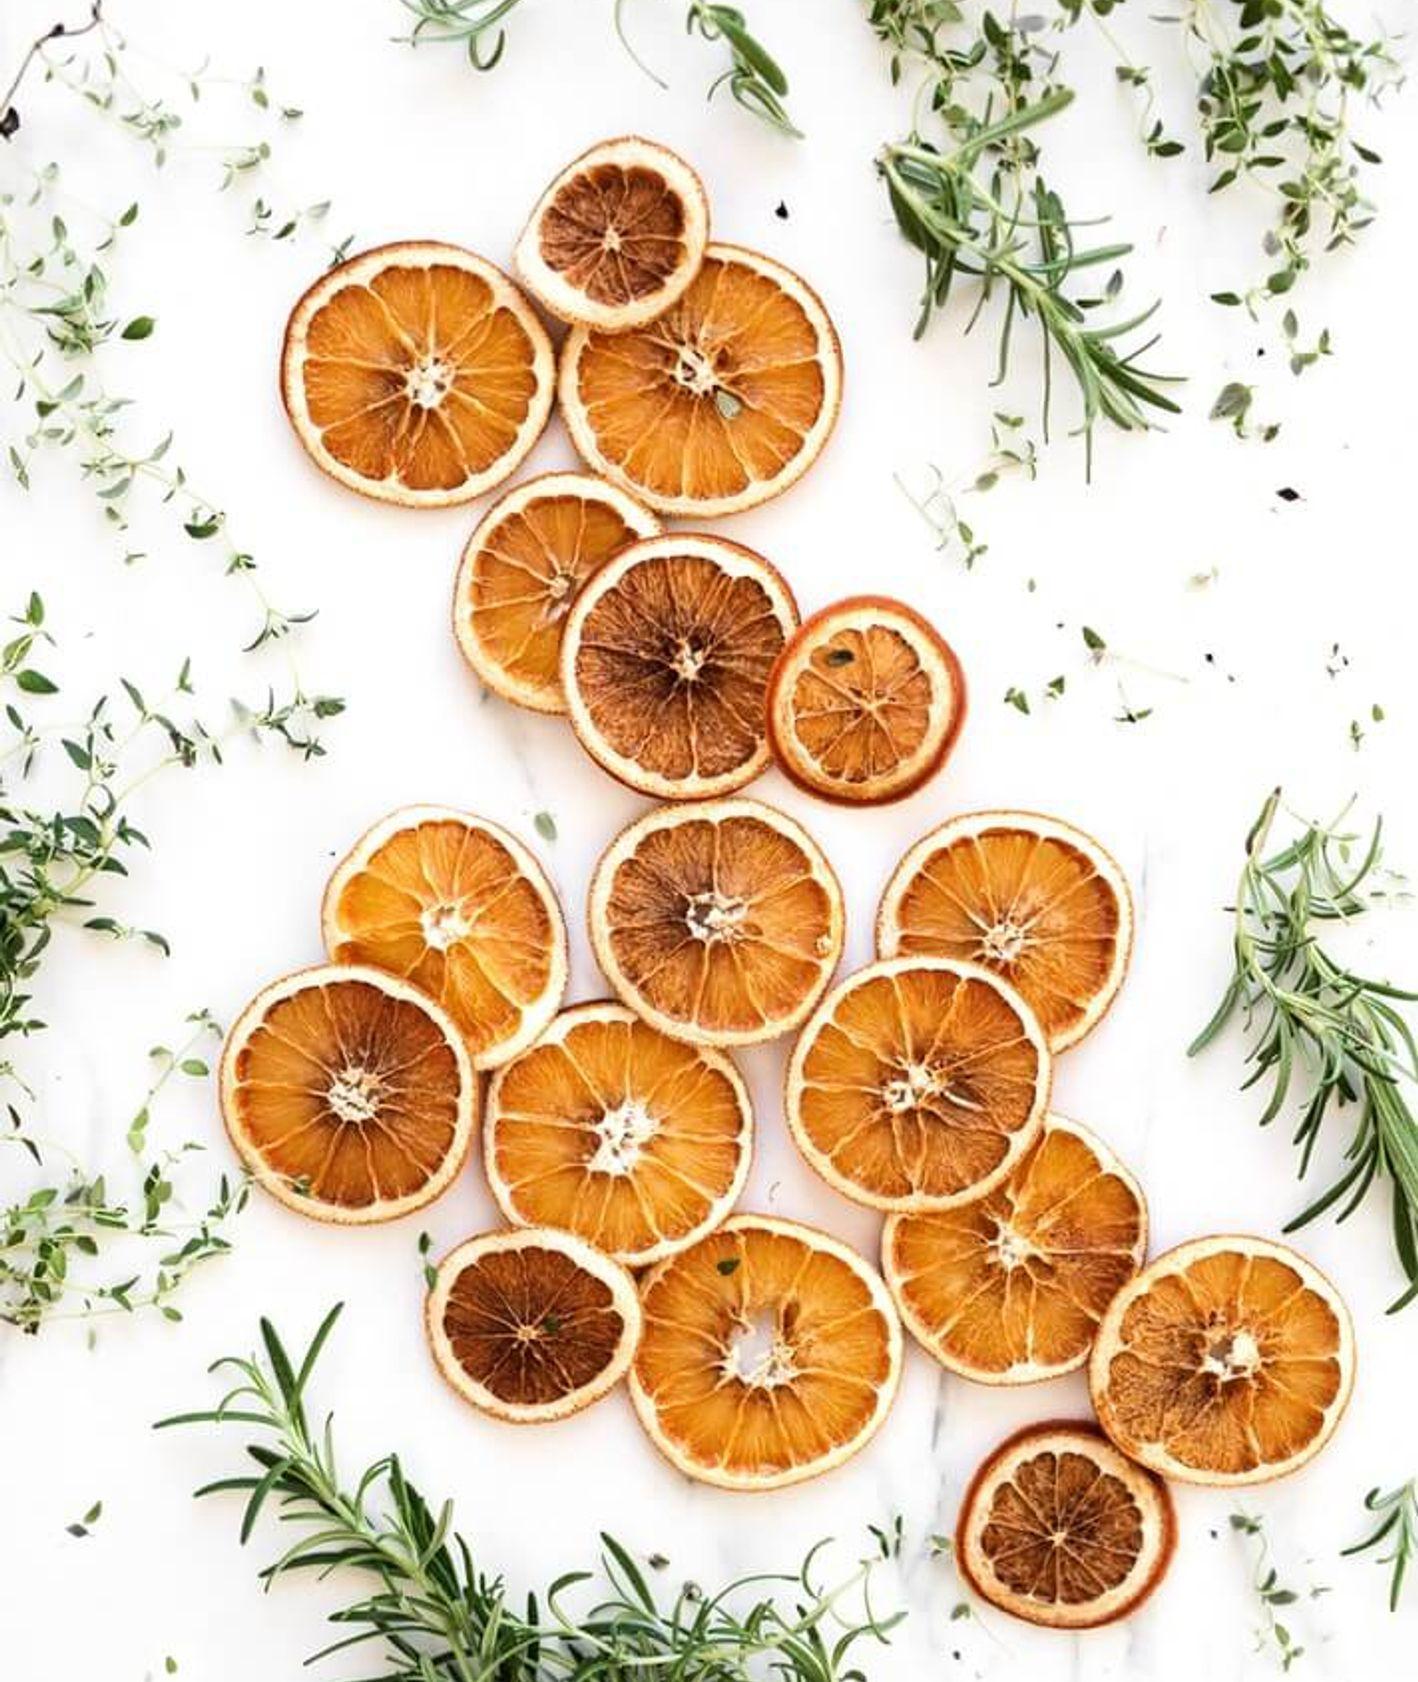 Suszone pomarańcze (fot. Stephanie Studer)